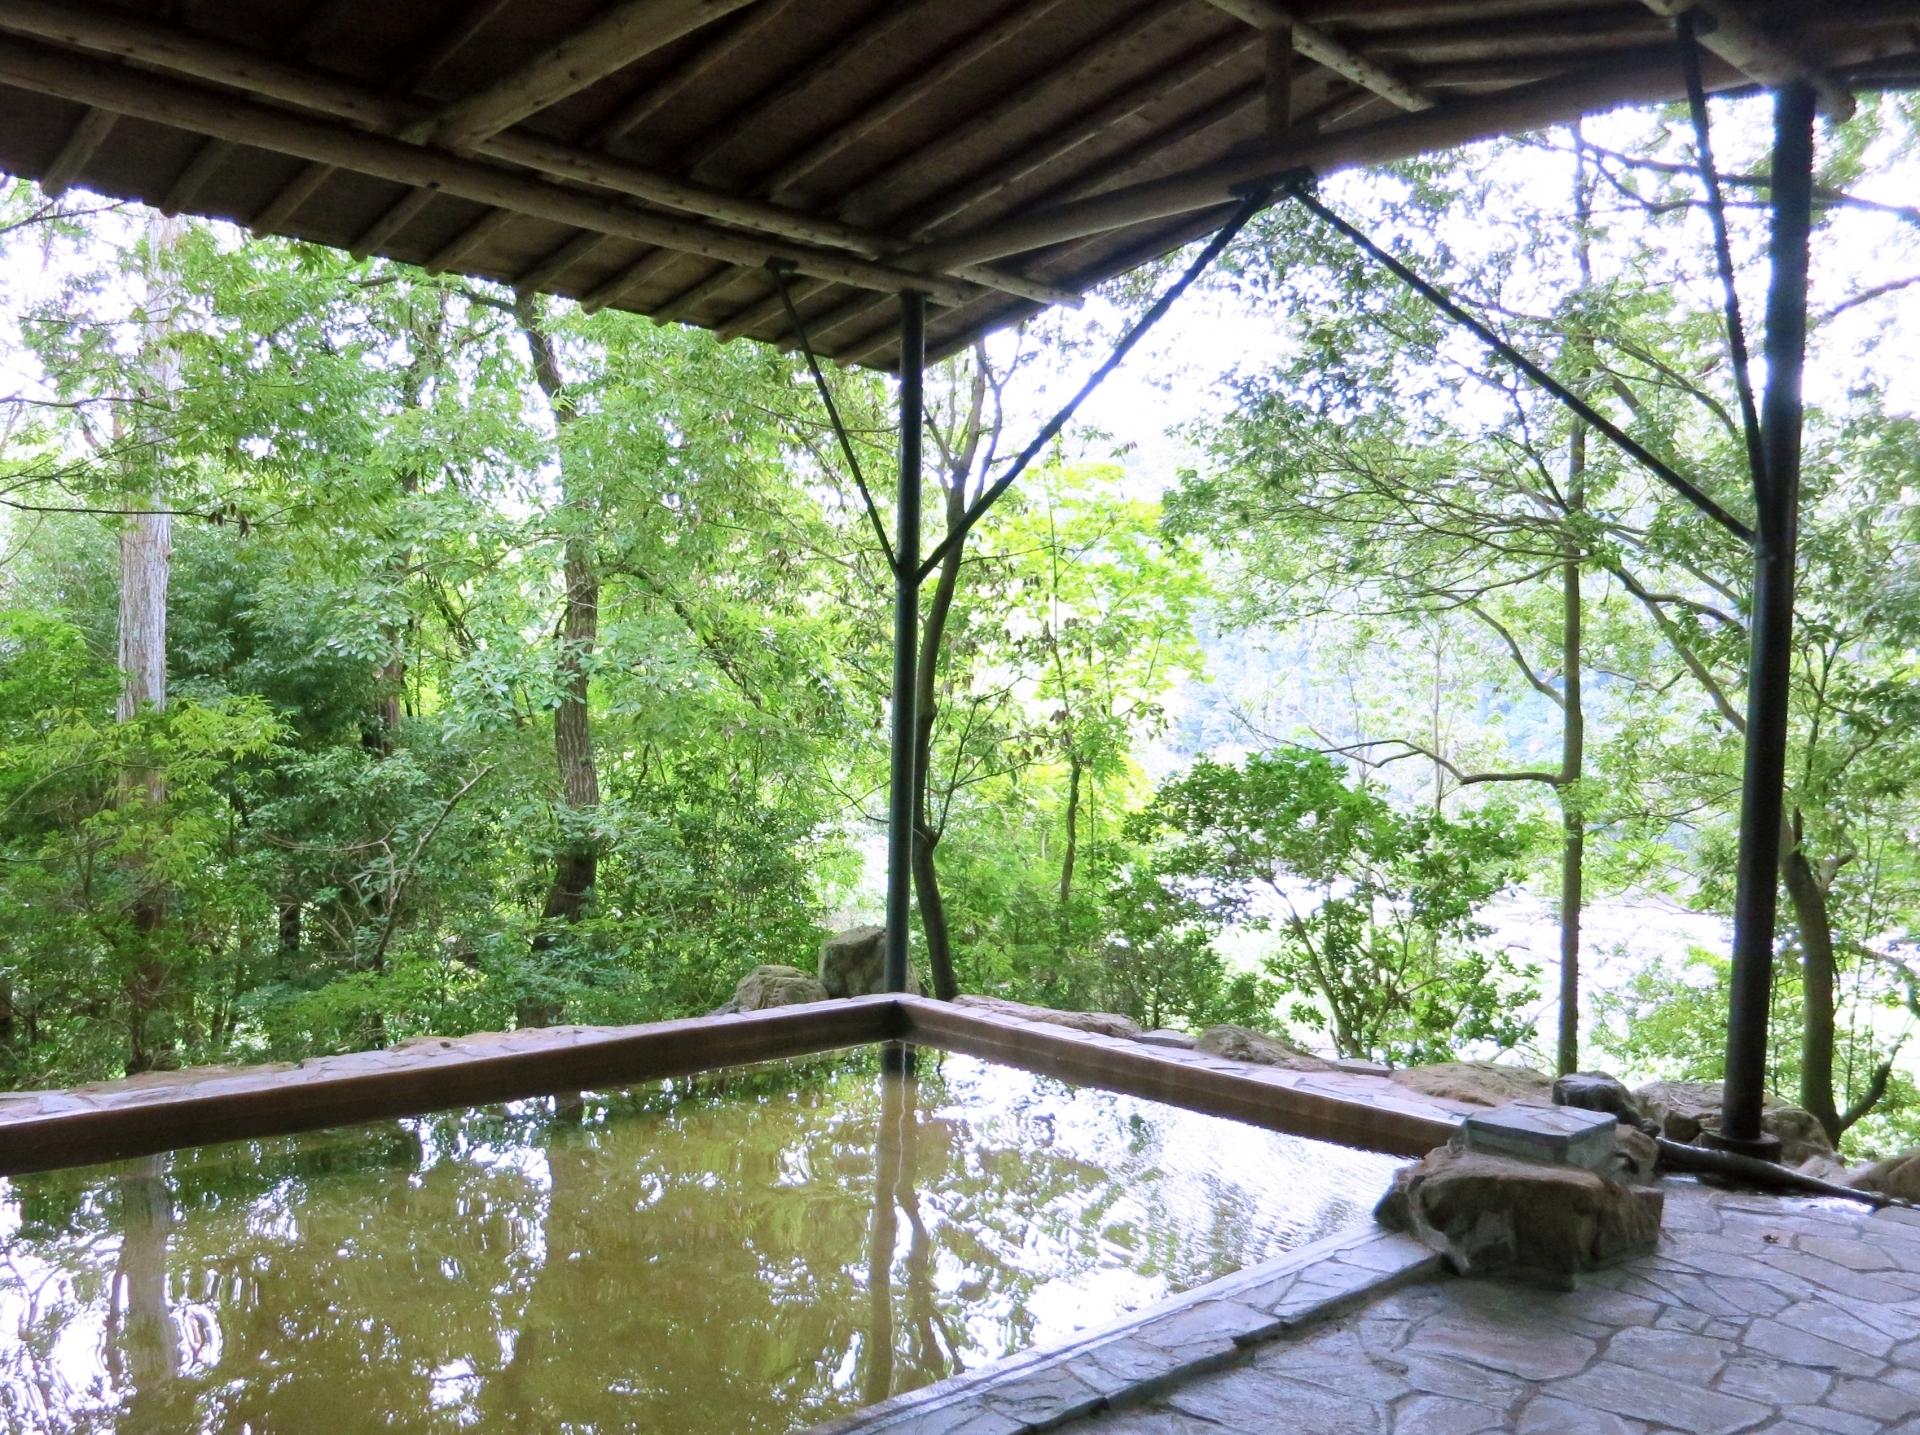 ... 京都のおすすめ温泉旅館|All